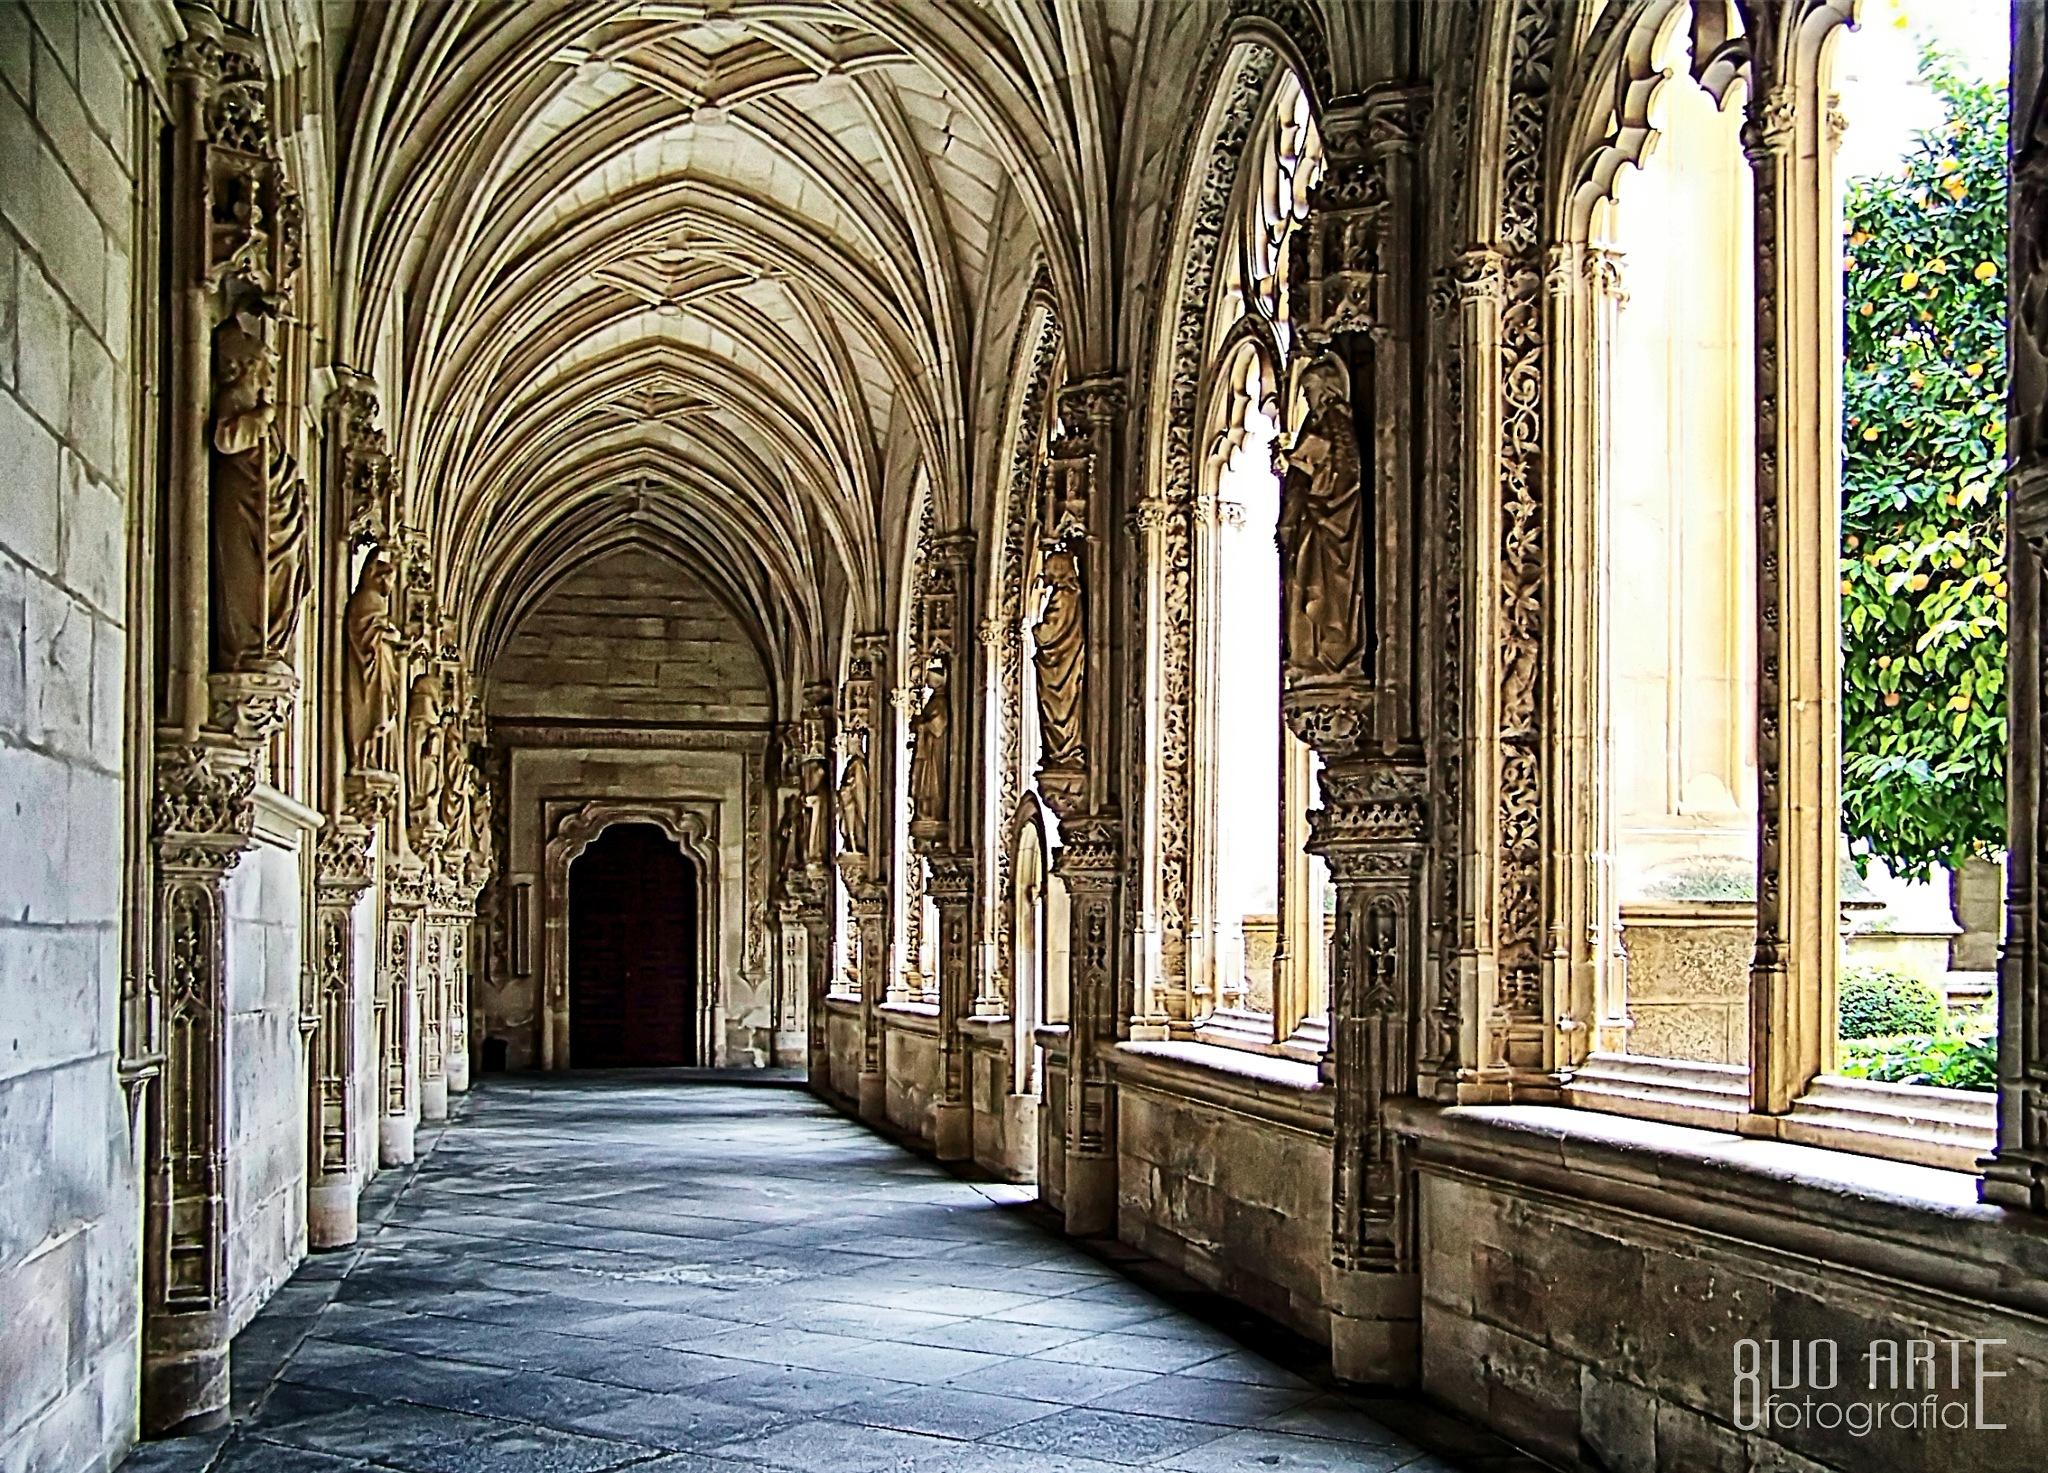 Monasterio de San Juan de los Reyes [Claustro] by 8vo Arte Fotografia